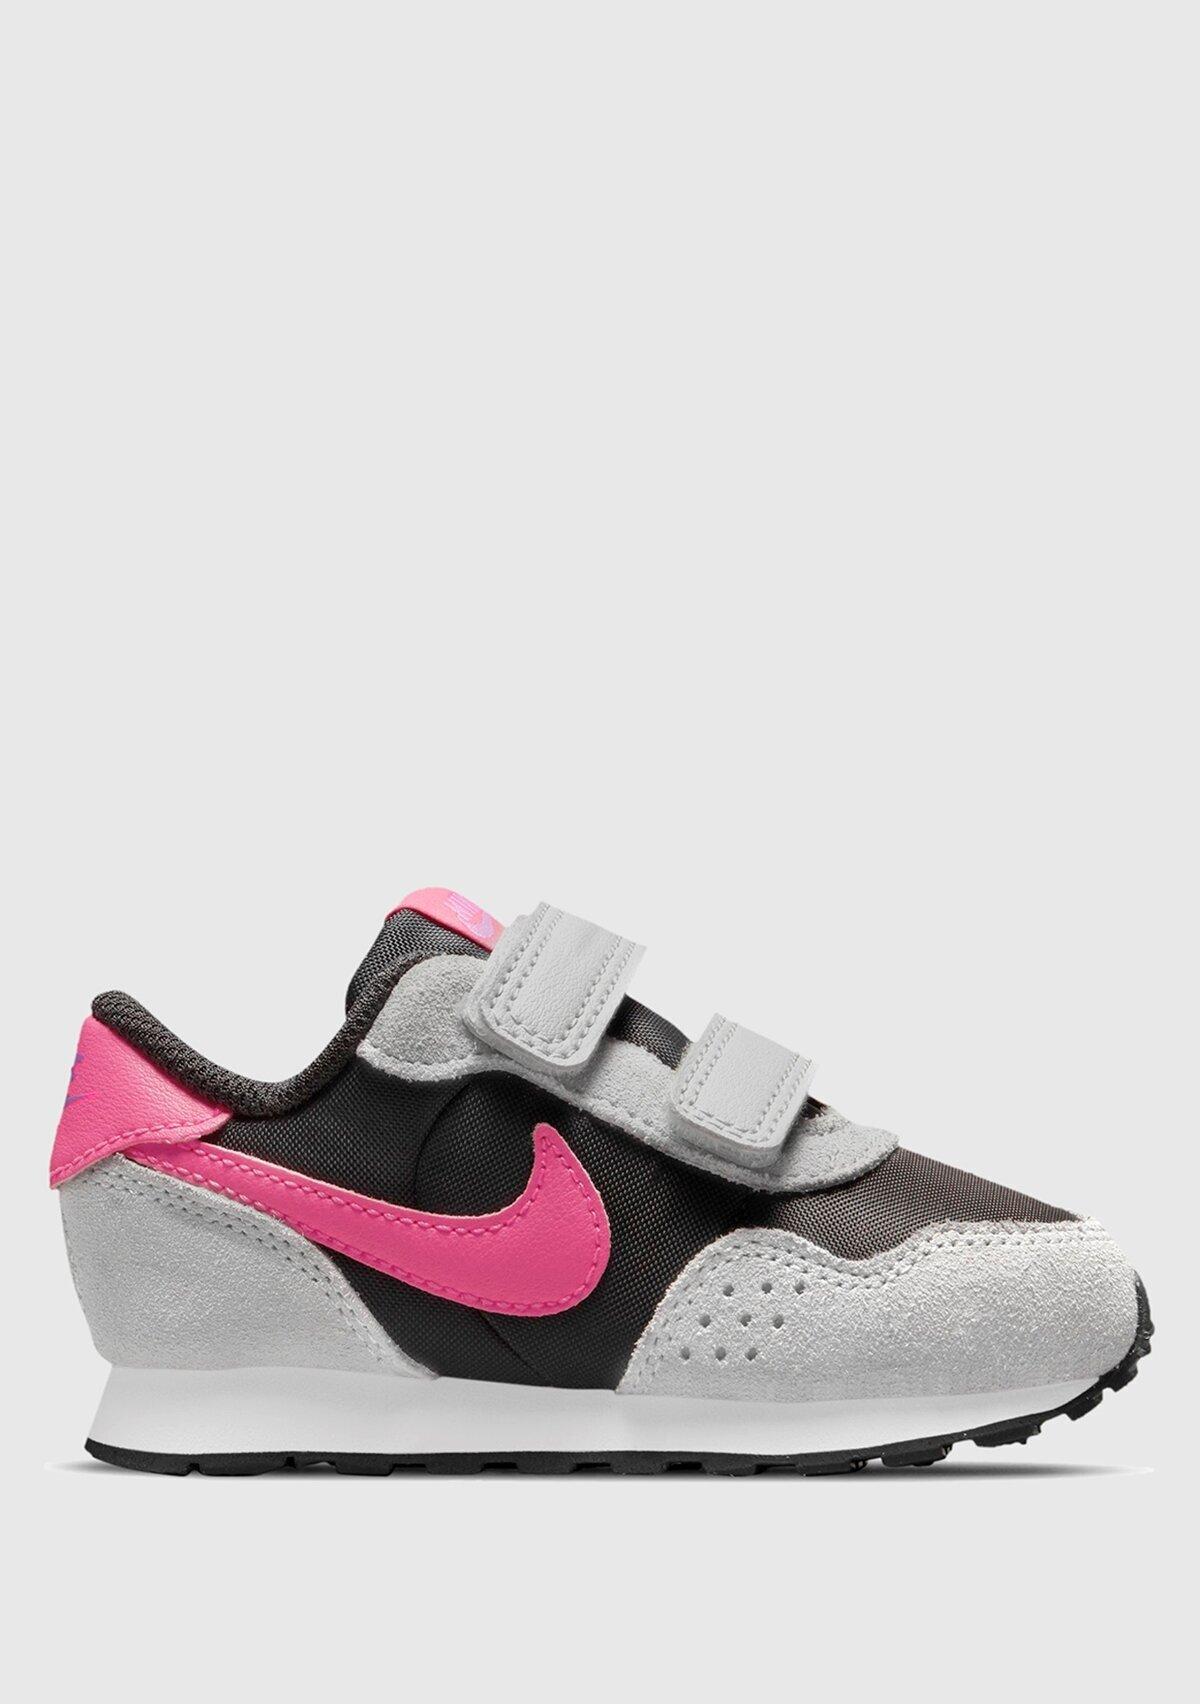 resm Valiant Gri Kız  Çocuk Sneaker Cn8560-014